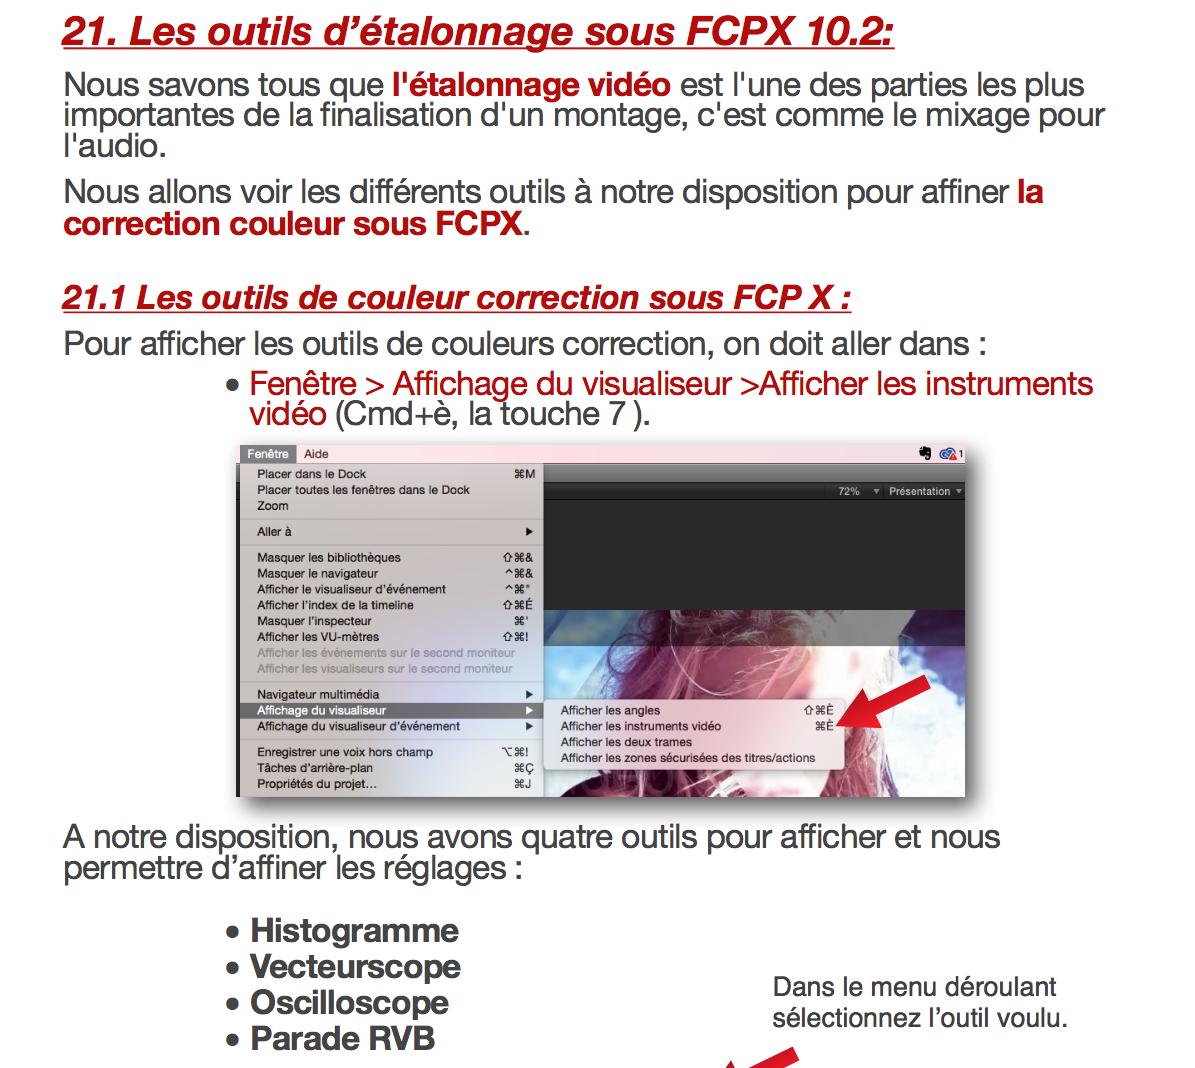 Nouvel effet d'Etalonnage sous FCPX 10.2